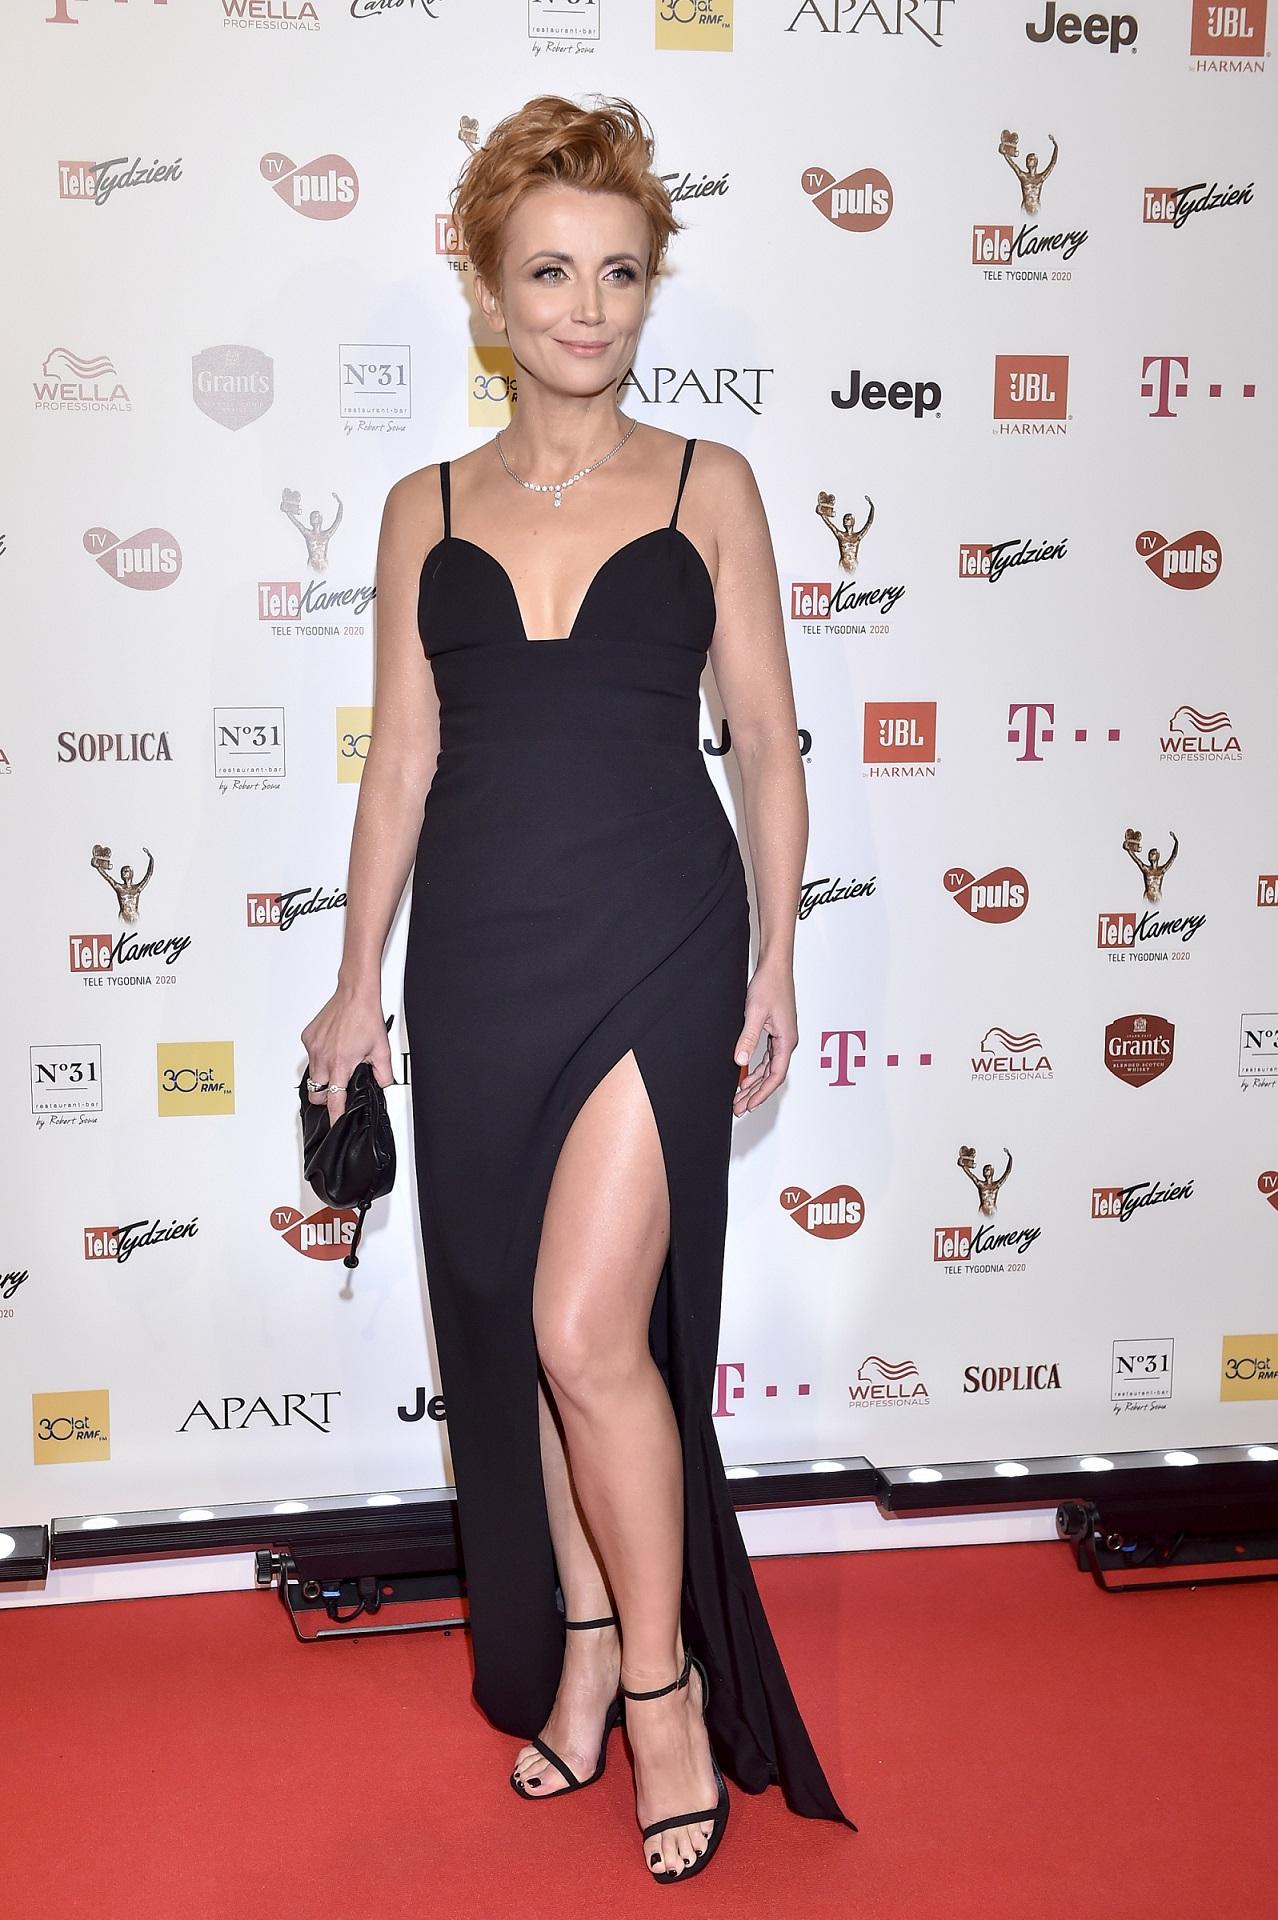 Katarzyna Zielińska w eleganckiej sukni jak Angelina Jolie na czerwonym dywanie.